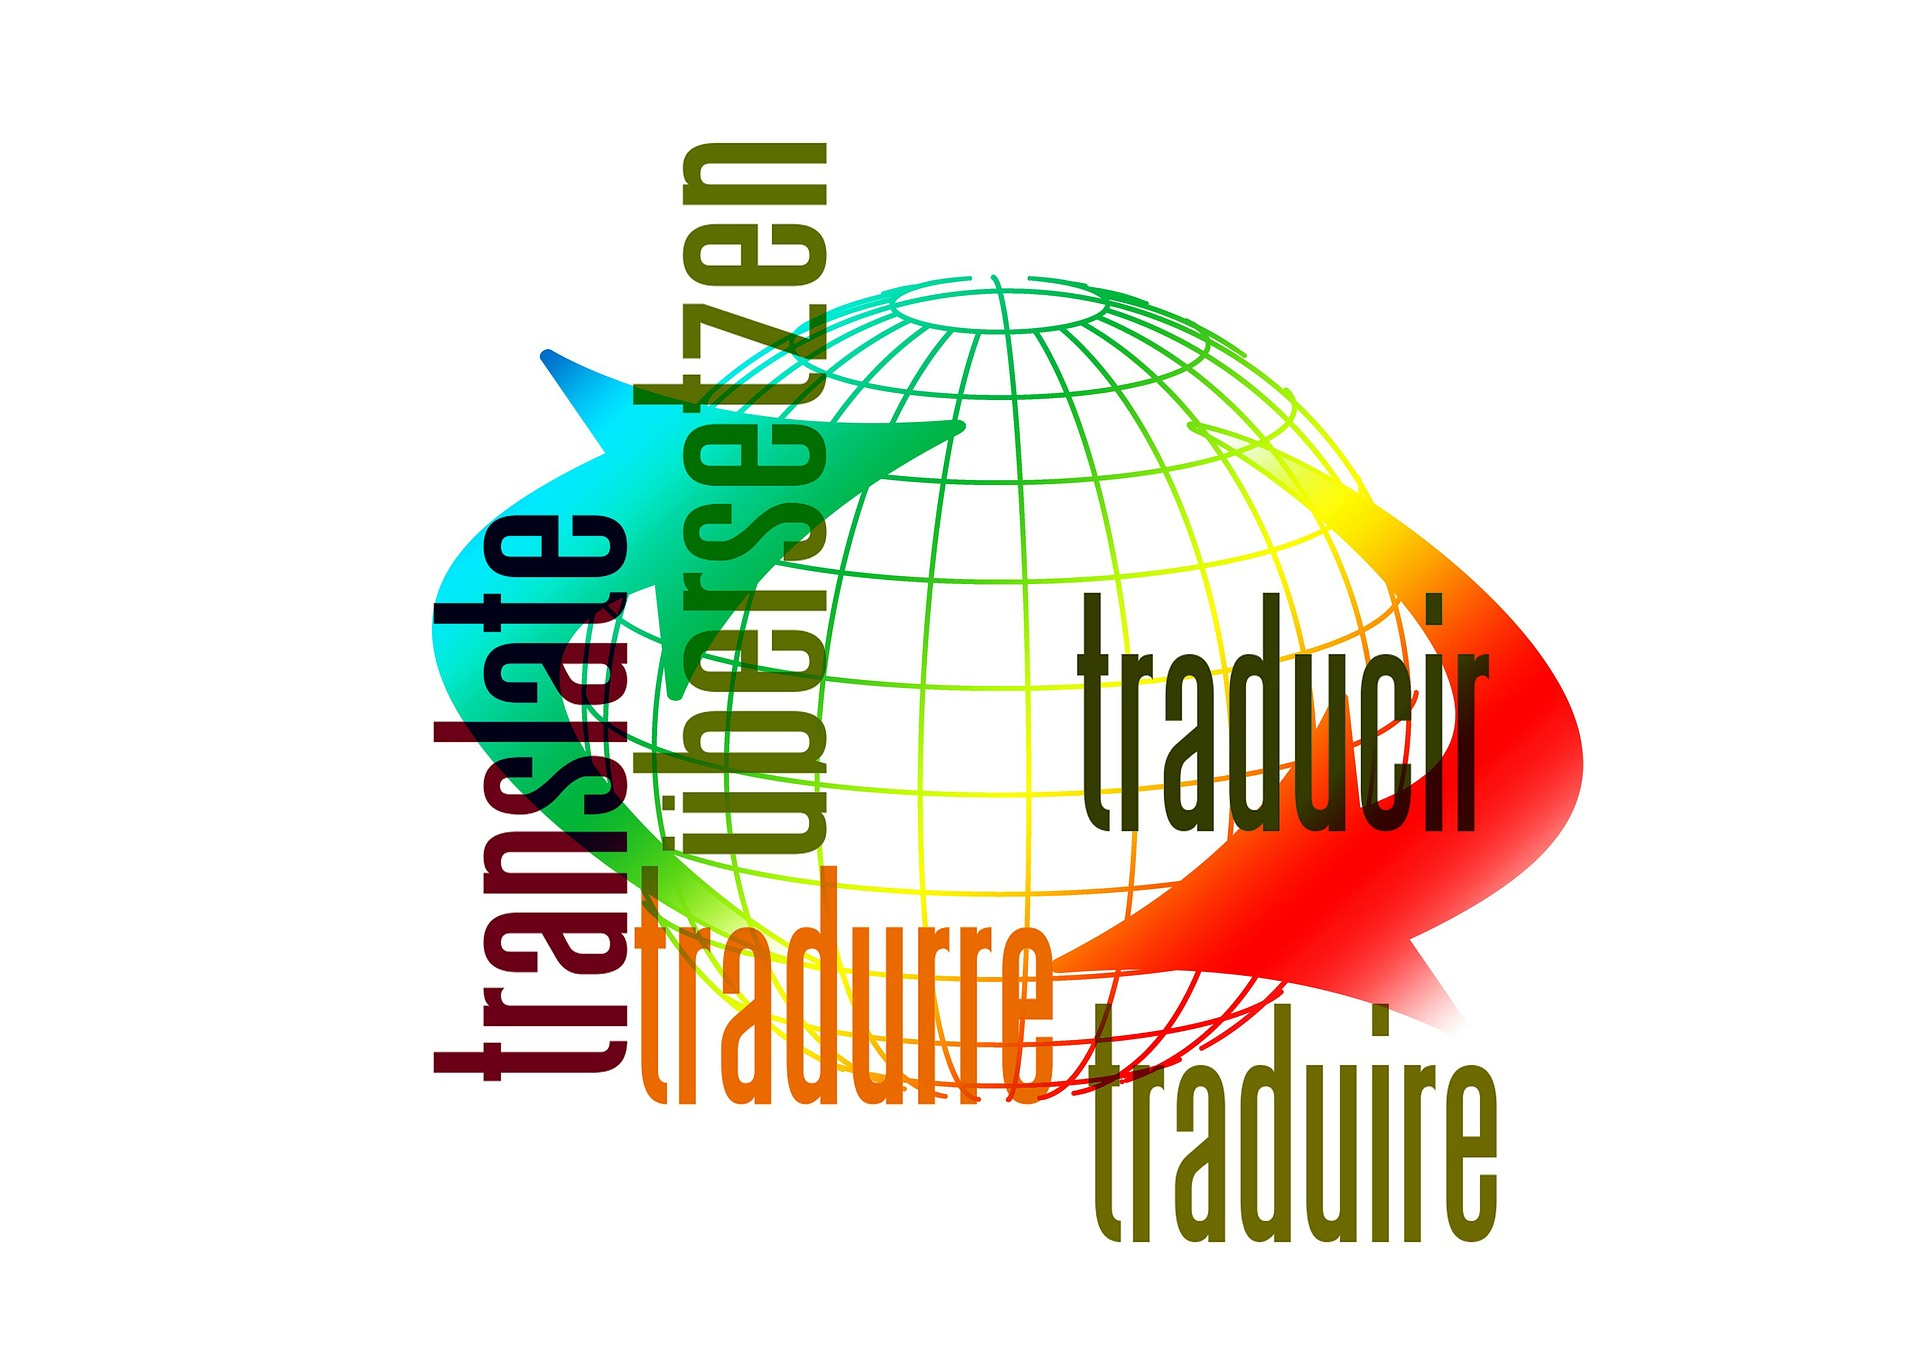 Traduzione Spagnolo - traduzioni giurate Rovigo